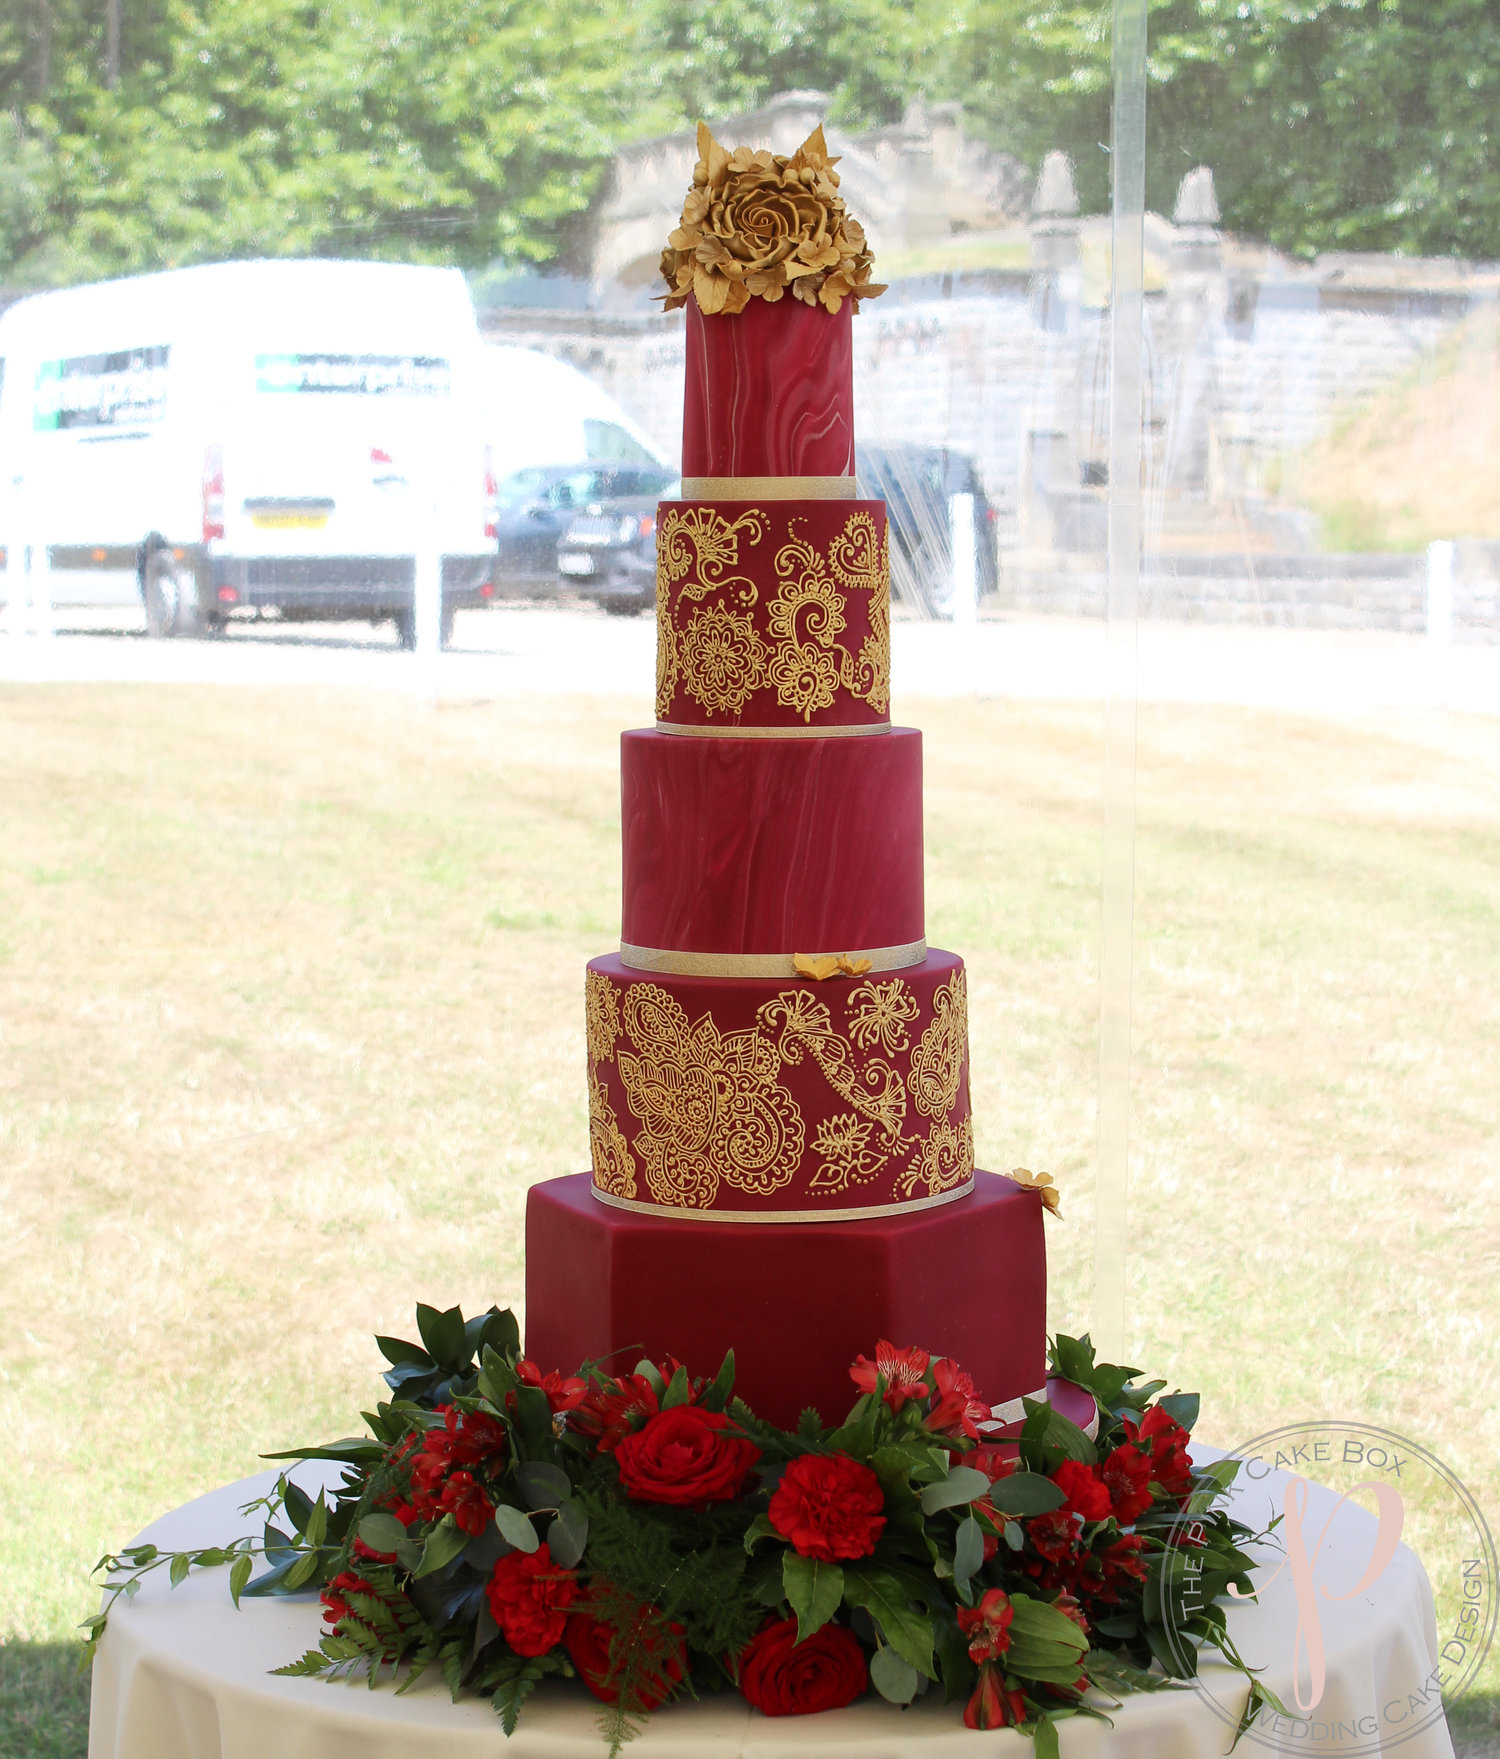 The Pink Cake Box Blog The Pink Cake Box Wedding Cake Design